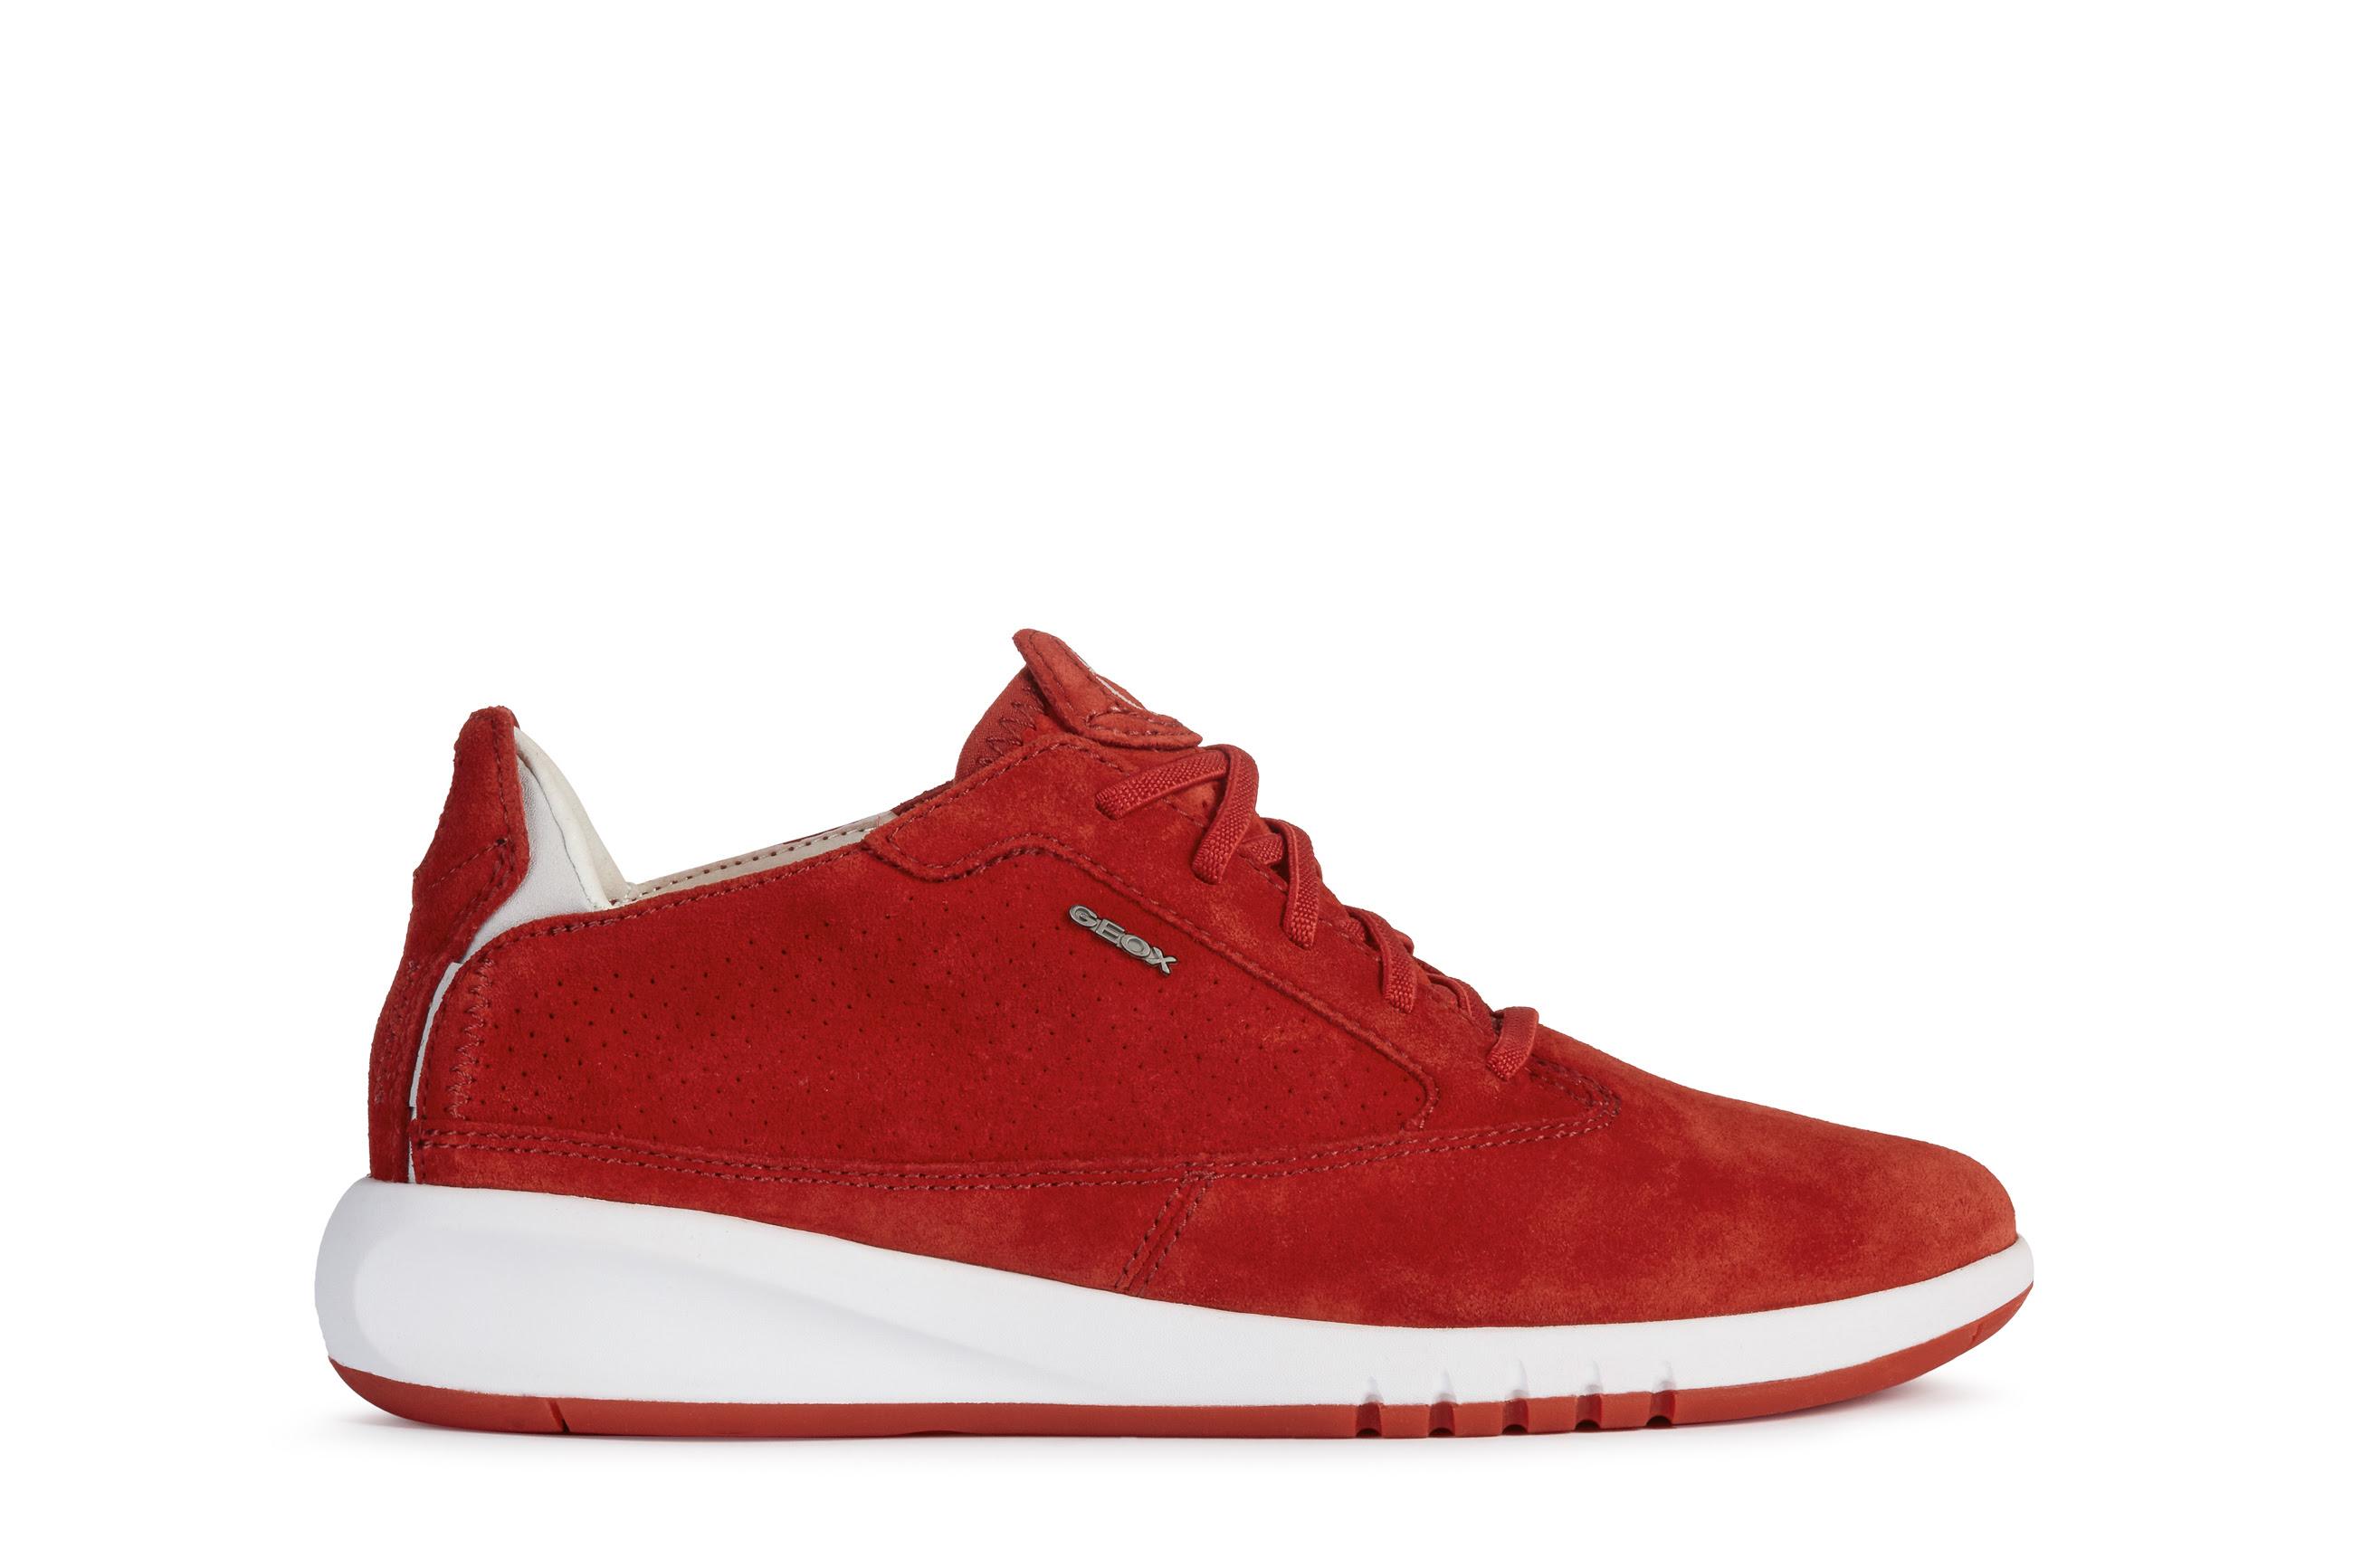 4a471db8 a5a2 4007 a5b7 2a2f5dccf138 - Kaia Gerber tiene la selección de prendas y calzado perfectos para hacer deporte en casa